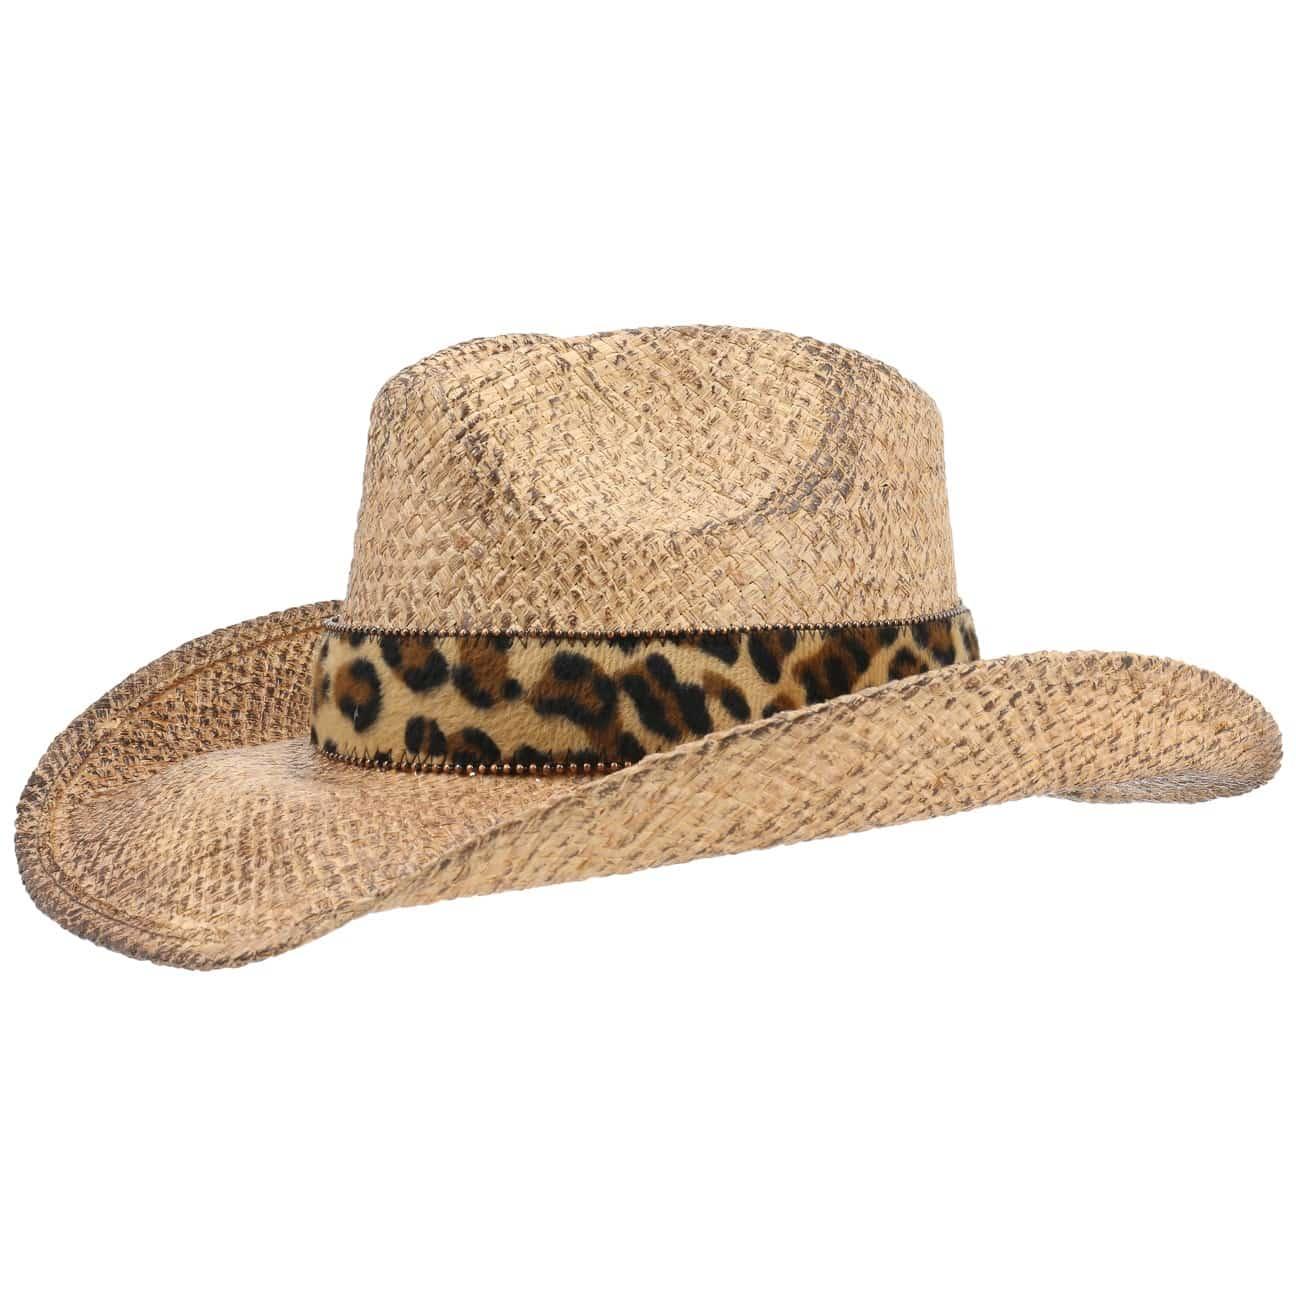 Sombrero Paja Leoprint Western by Conner  sombrero de verano